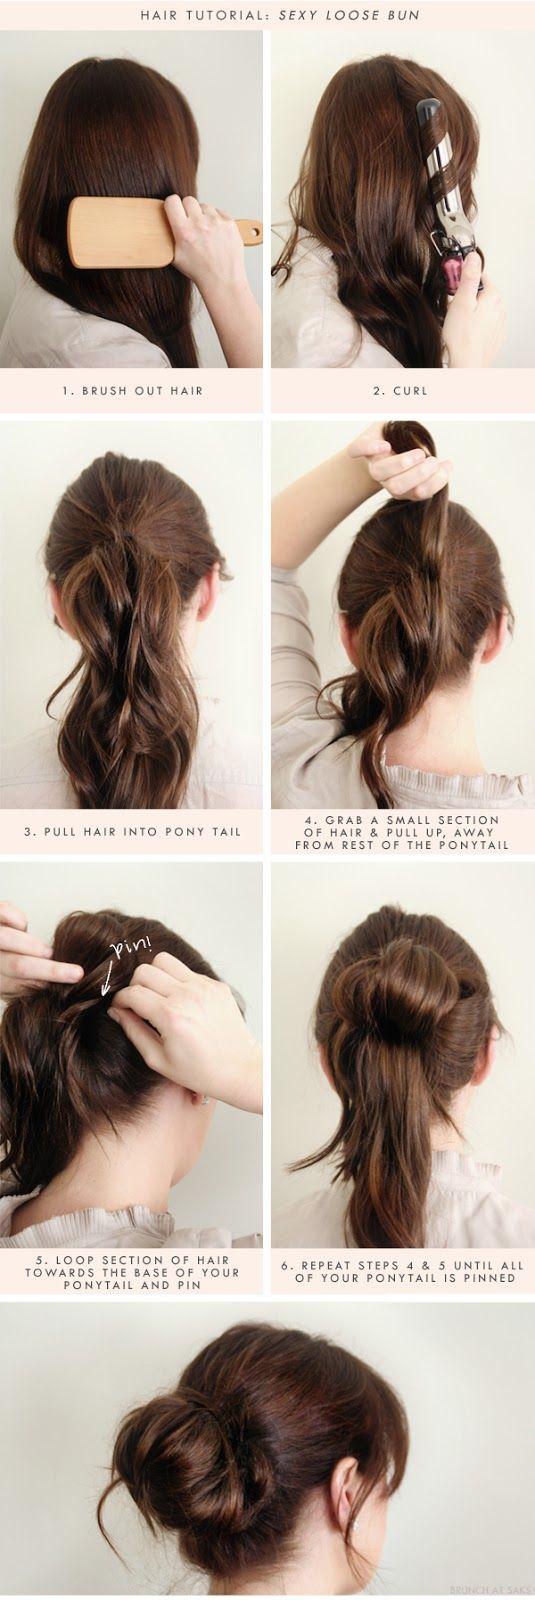 3 sexy loose bun hair tutorial